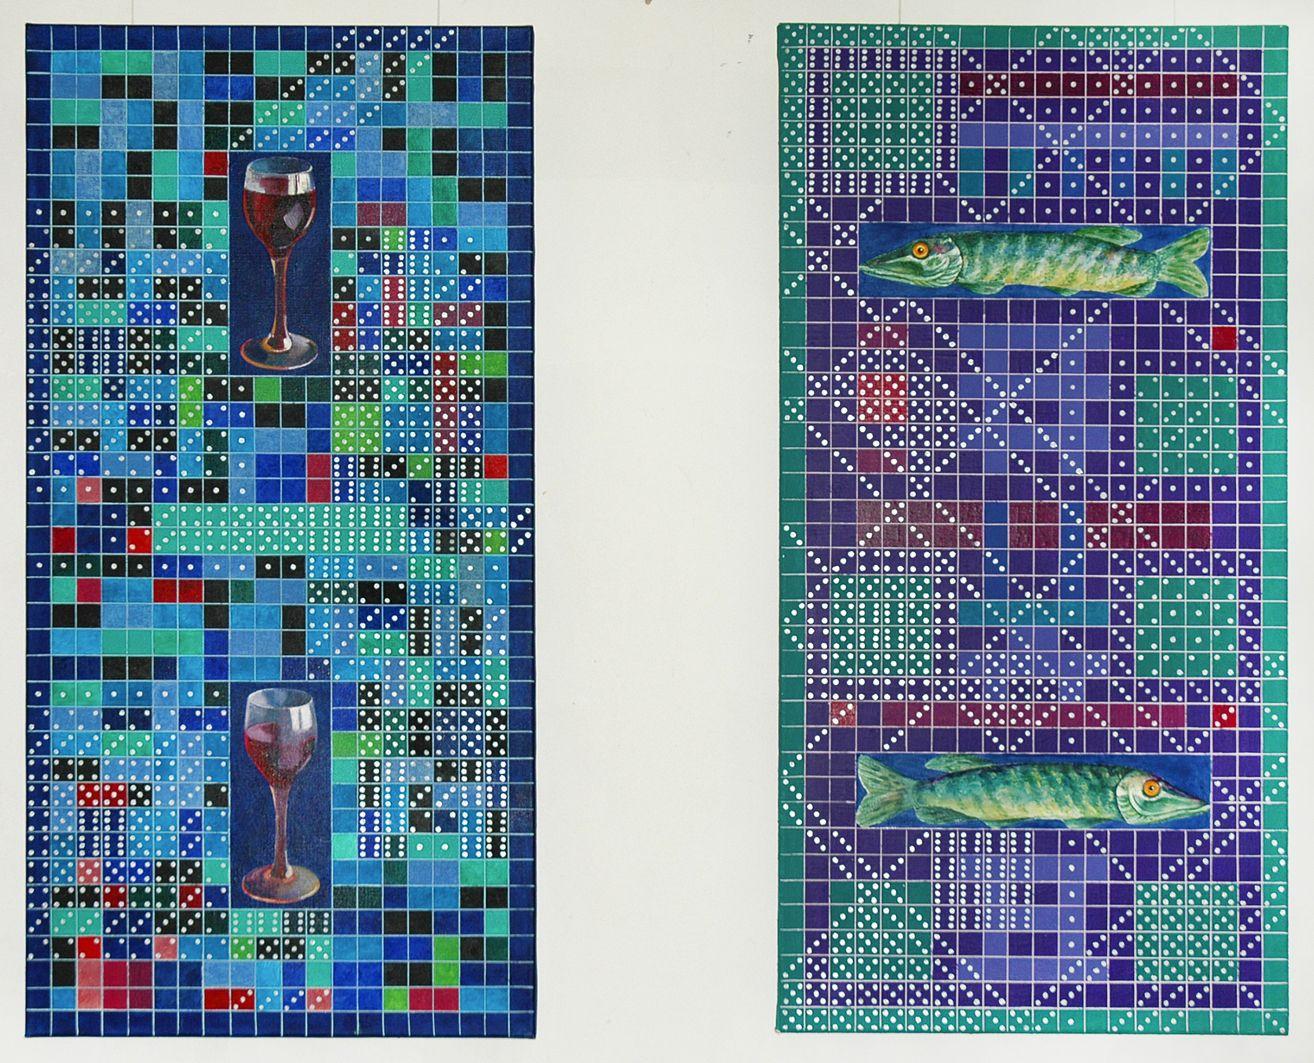 Платон Сільвестров. Домінізм #2 п,о Львів виставка 2006